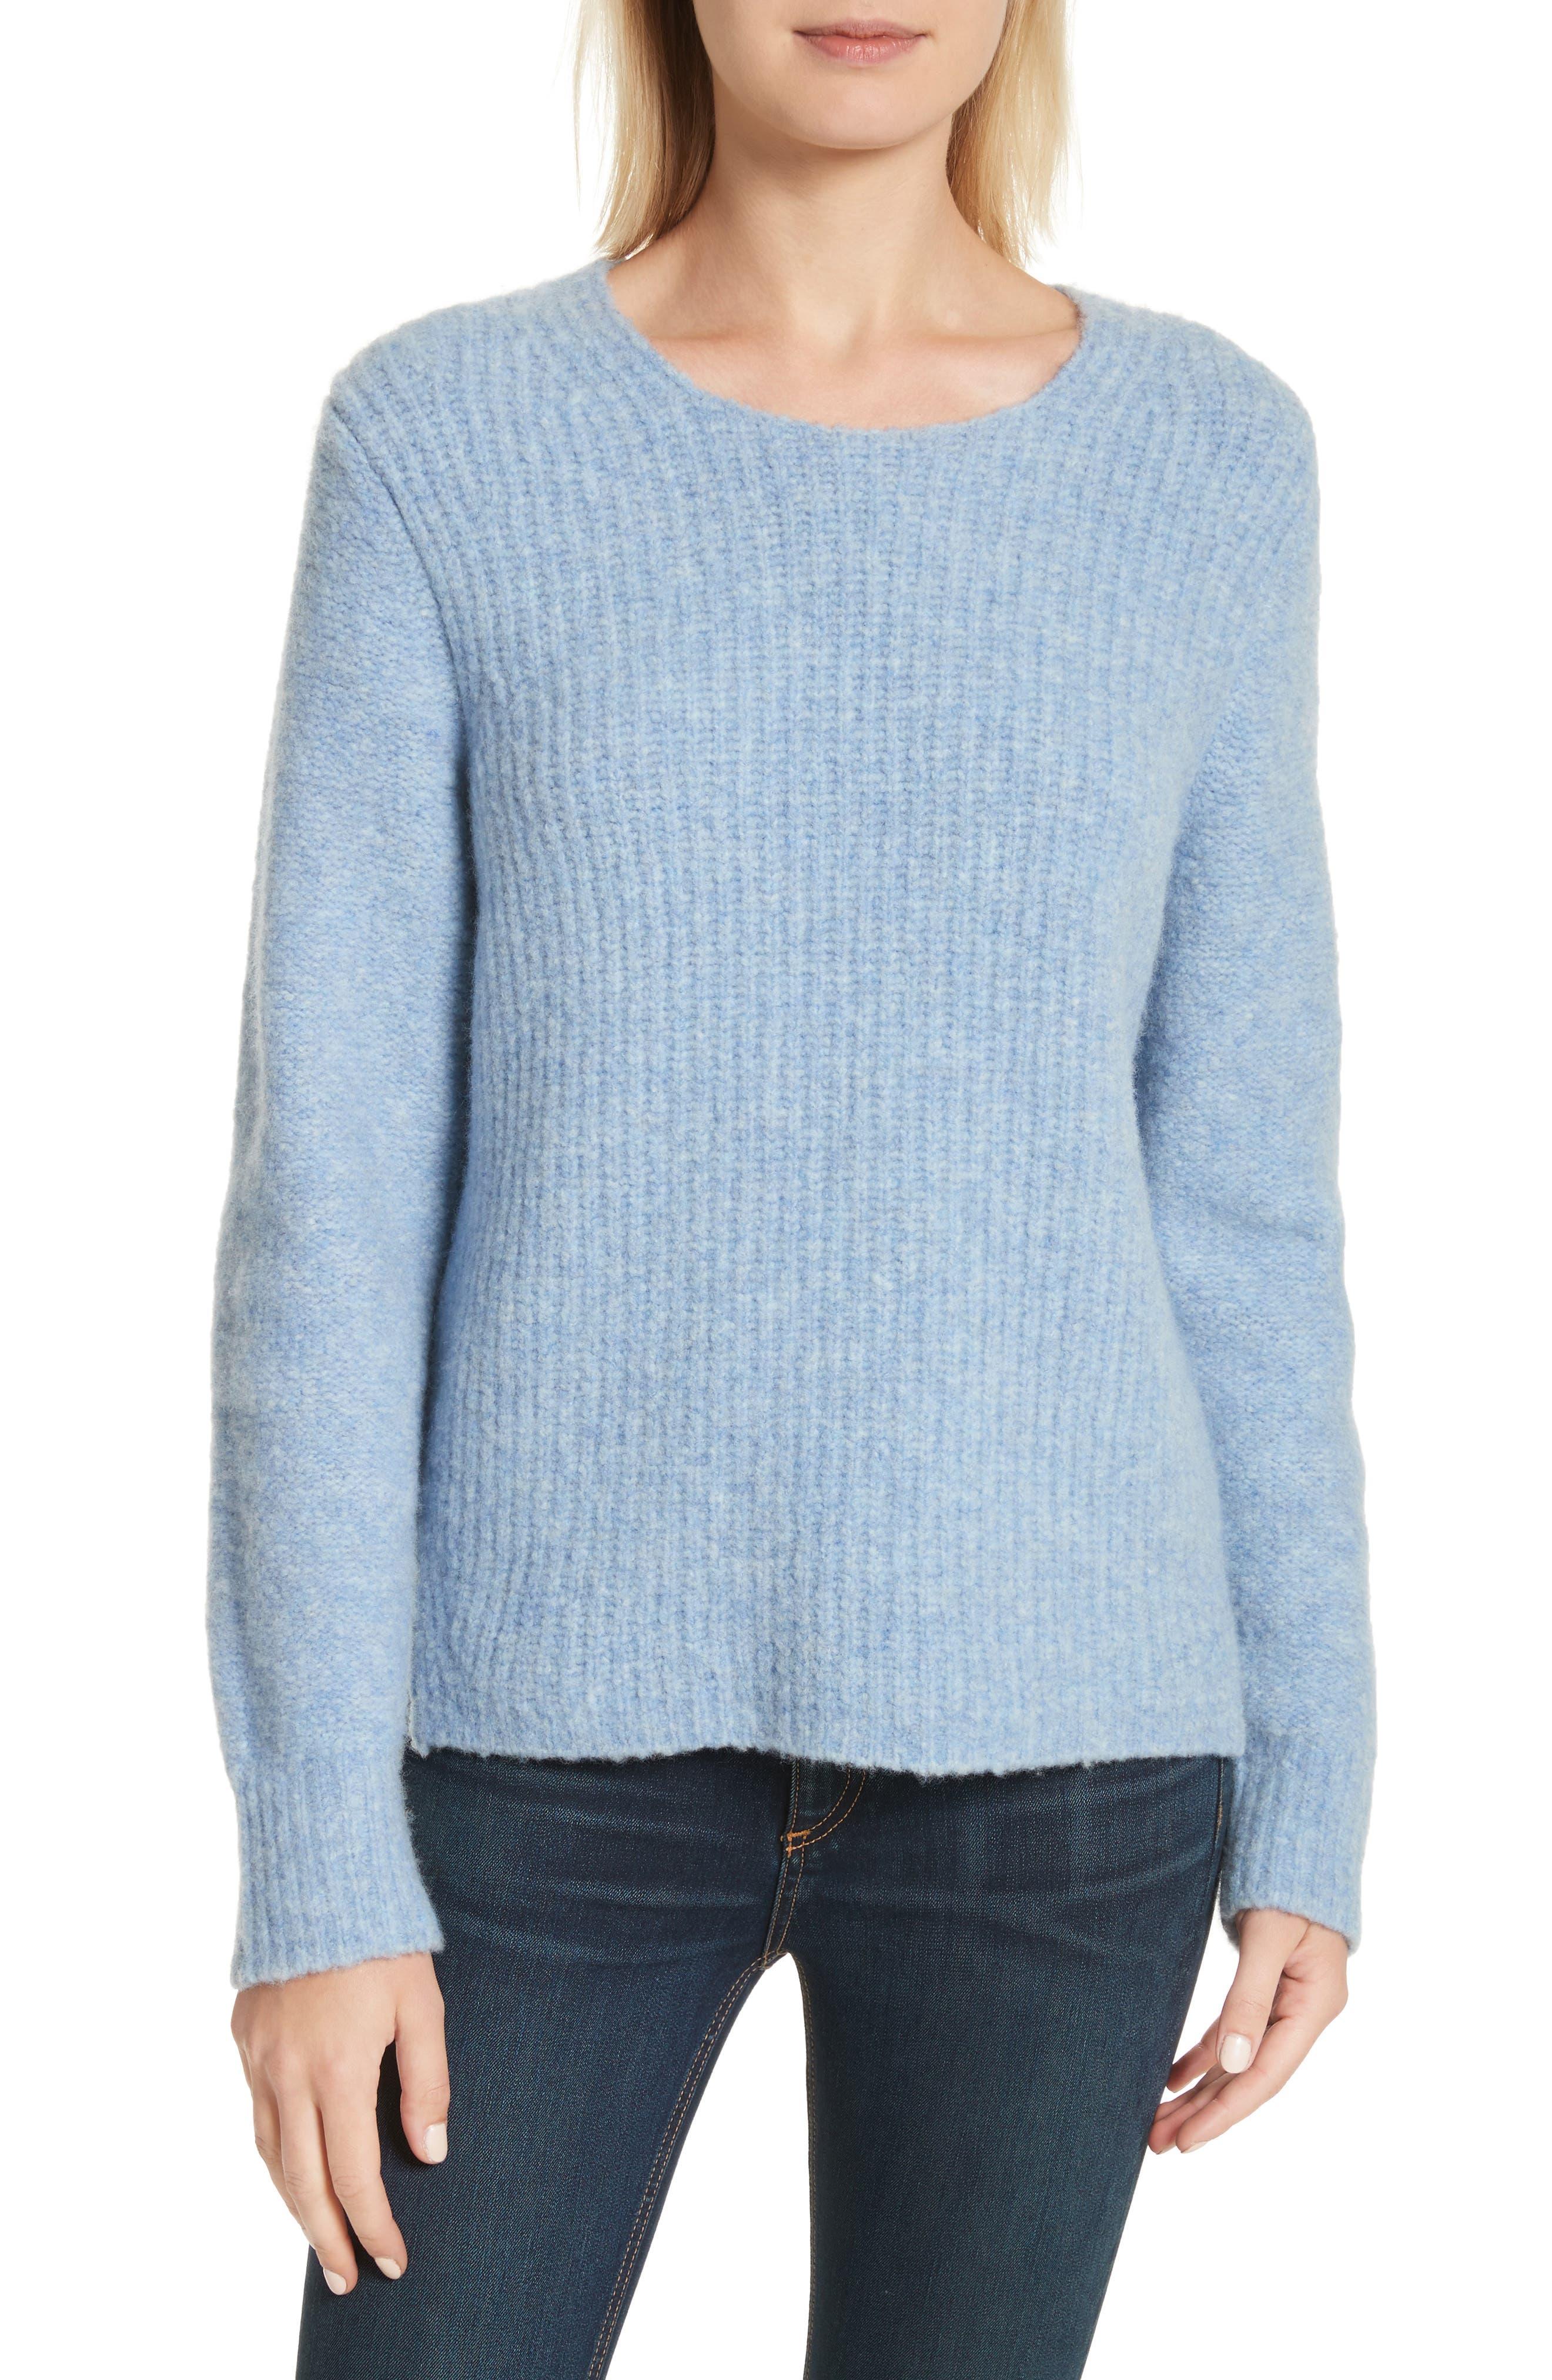 Alternate Image 1 Selected - rag & bone Francie Merino Wool Blend Sweater